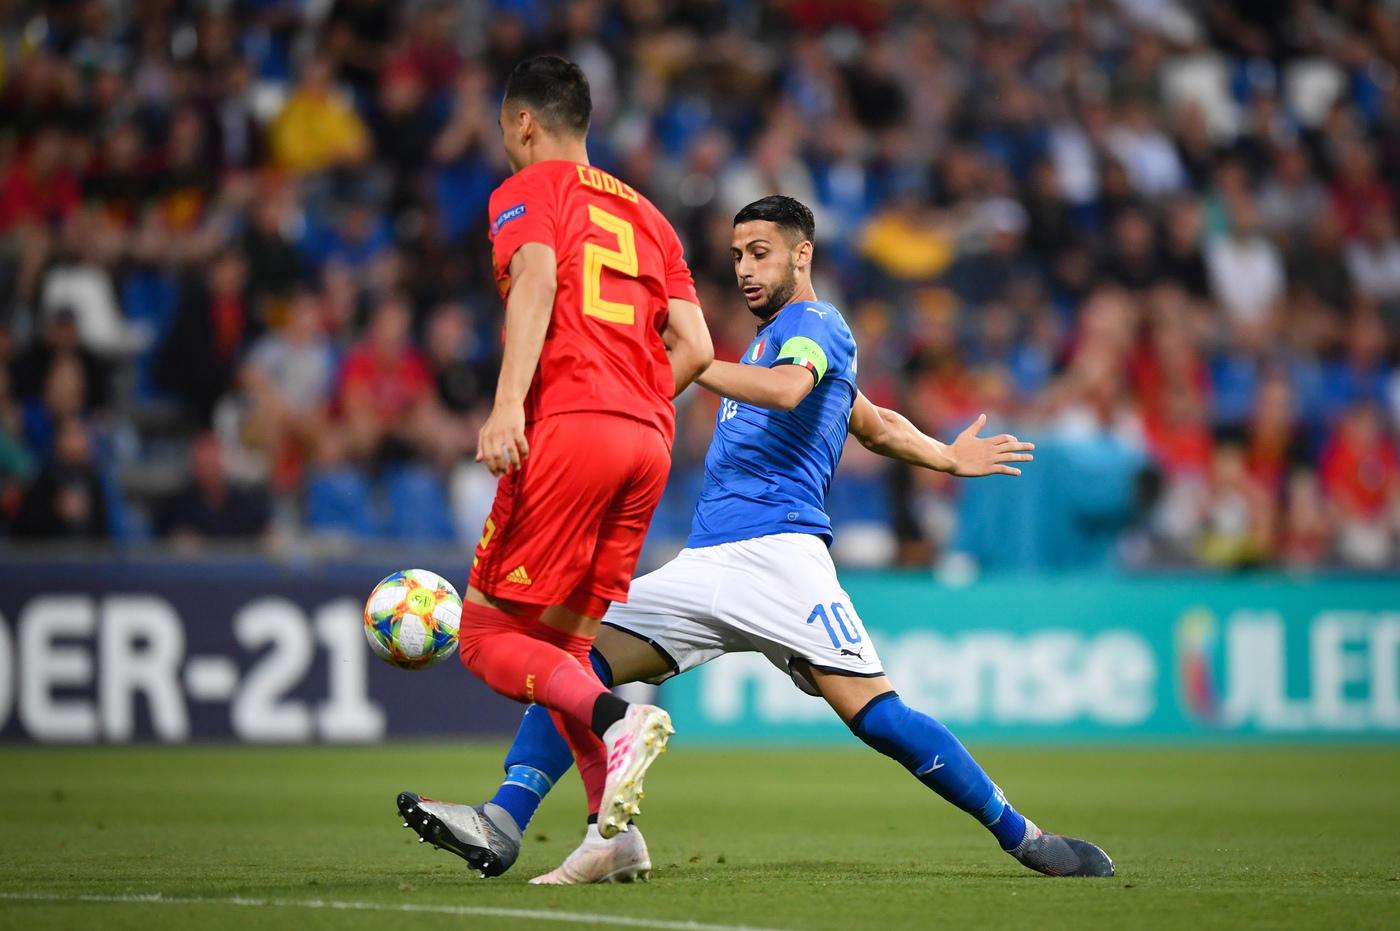 Europei Under 21: le foto di Belgio-Italia 1-3